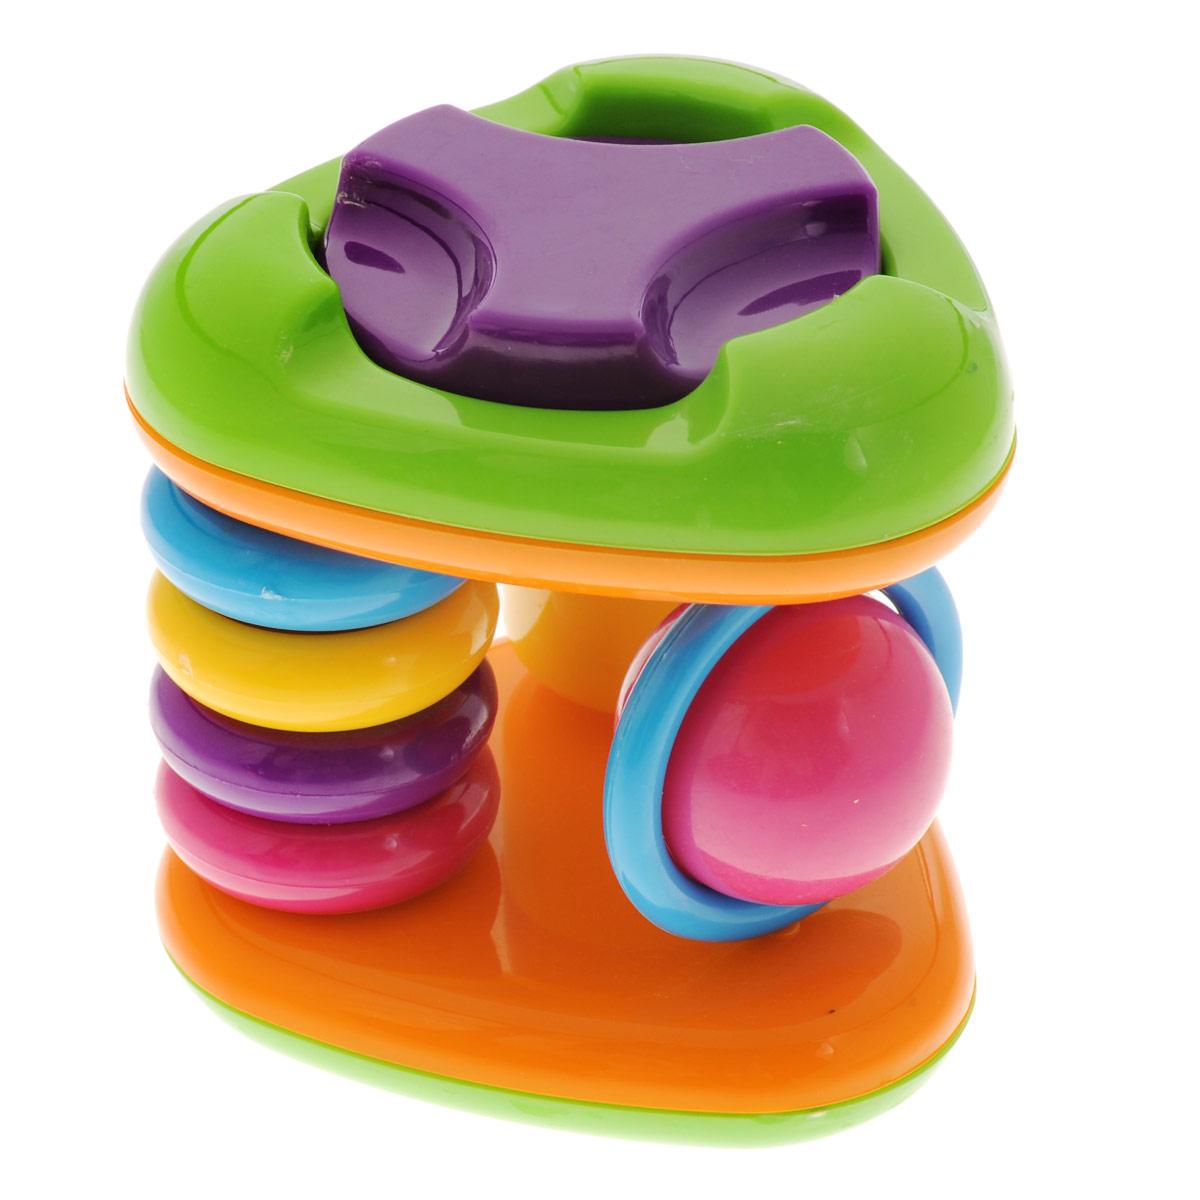 Погремушка Mioshi Смешные треугольникиTY9035Яркая, разноцветная, приятная на ощупь погремушка Mioshi Смешные треугольники станет любимой игрушкой вашей крохи. Игрушка поможет развить мелкую моторику, восприятие формы и цвета предметов, а также слух и зрение. Игрушки Mioshi созданы специально для малышей, которые только начинают познавать этот волшебный мир. Дети в раннем возрасте всегда очень любознательны, они тщательно исследуют всё, что попадает им в руки. Заботясь о здоровье и безопасности малышей, Mioshi выпускает только качественную продукцию, которая прошла сертификацию.